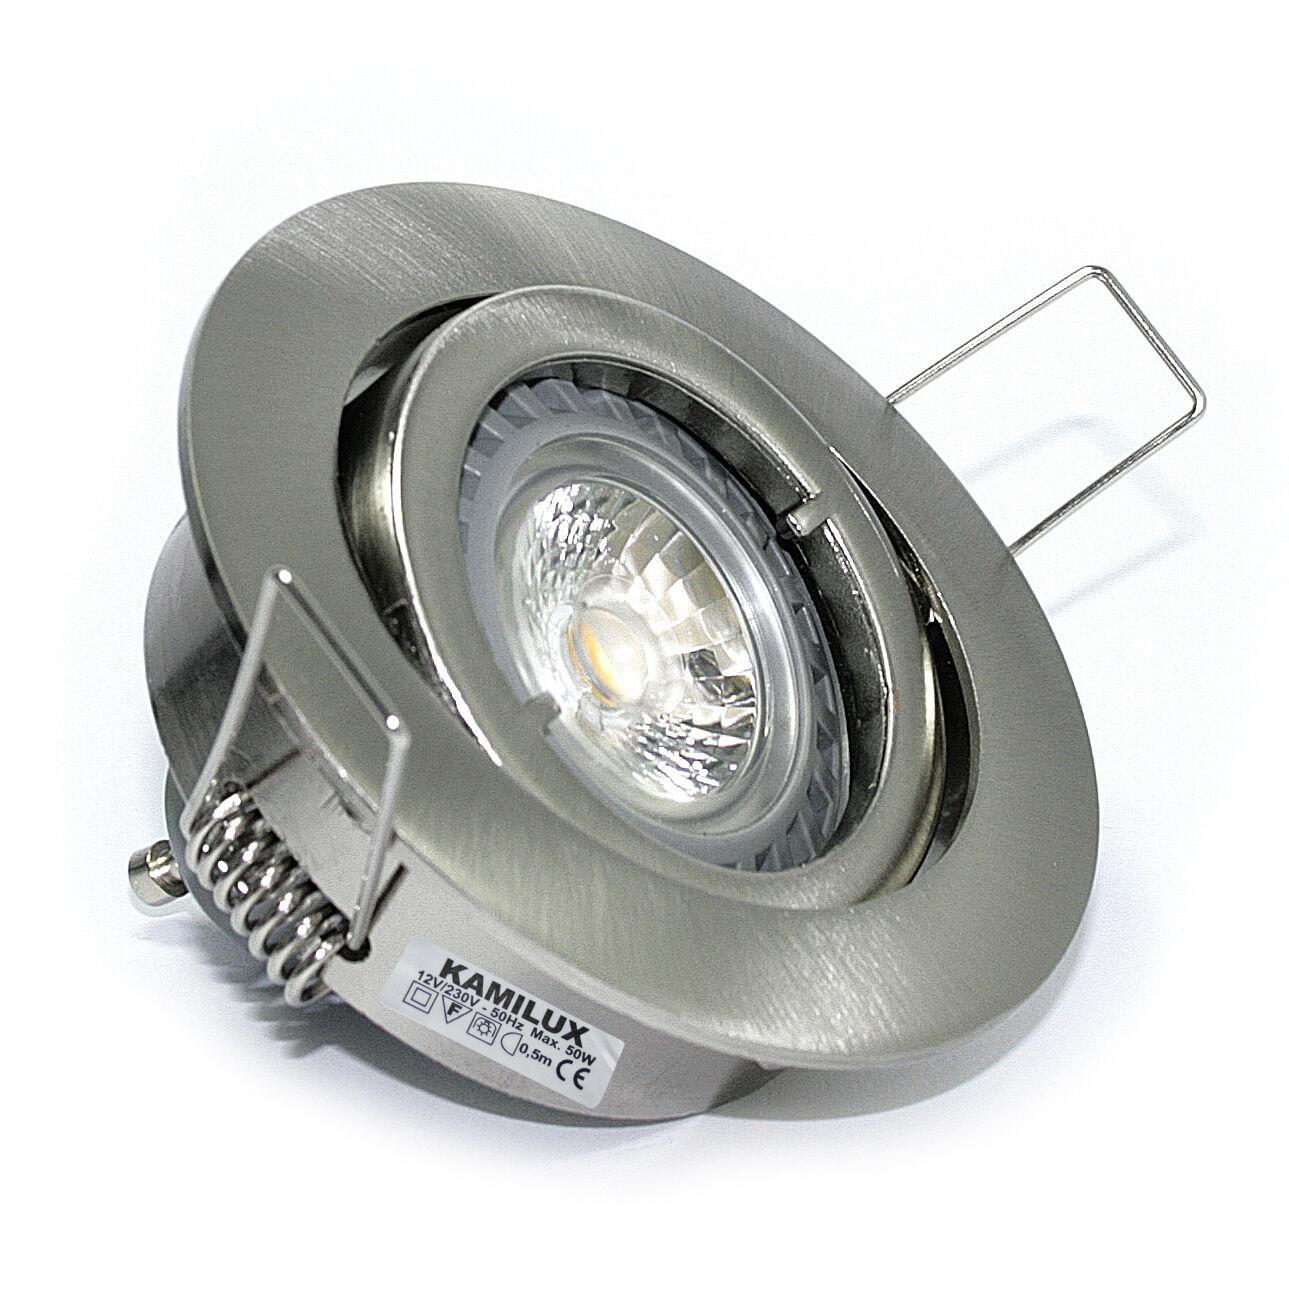 230V Bad Einbauleuchte Bajo & GU10 7W LED Leuchtmittel 7 Watt Einbautiefe 6cm